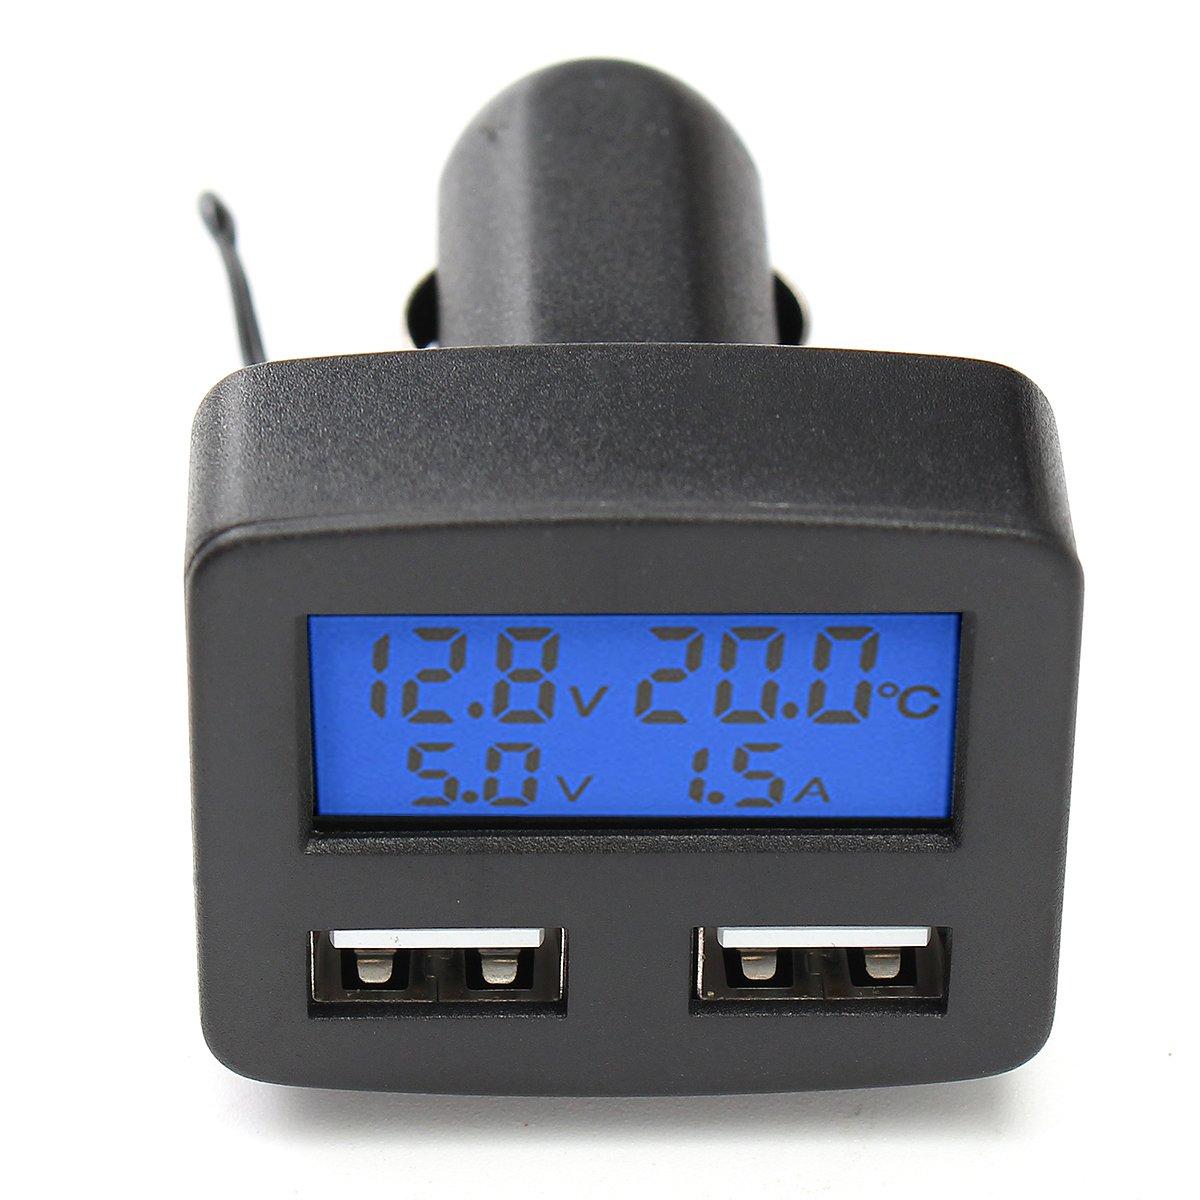 GOZAR 12V 24V Universal Doble Interfaz USB Cargador De Coche Con Volt/ímetro Amper/ímetro Term/ómetro Pantalla LCD